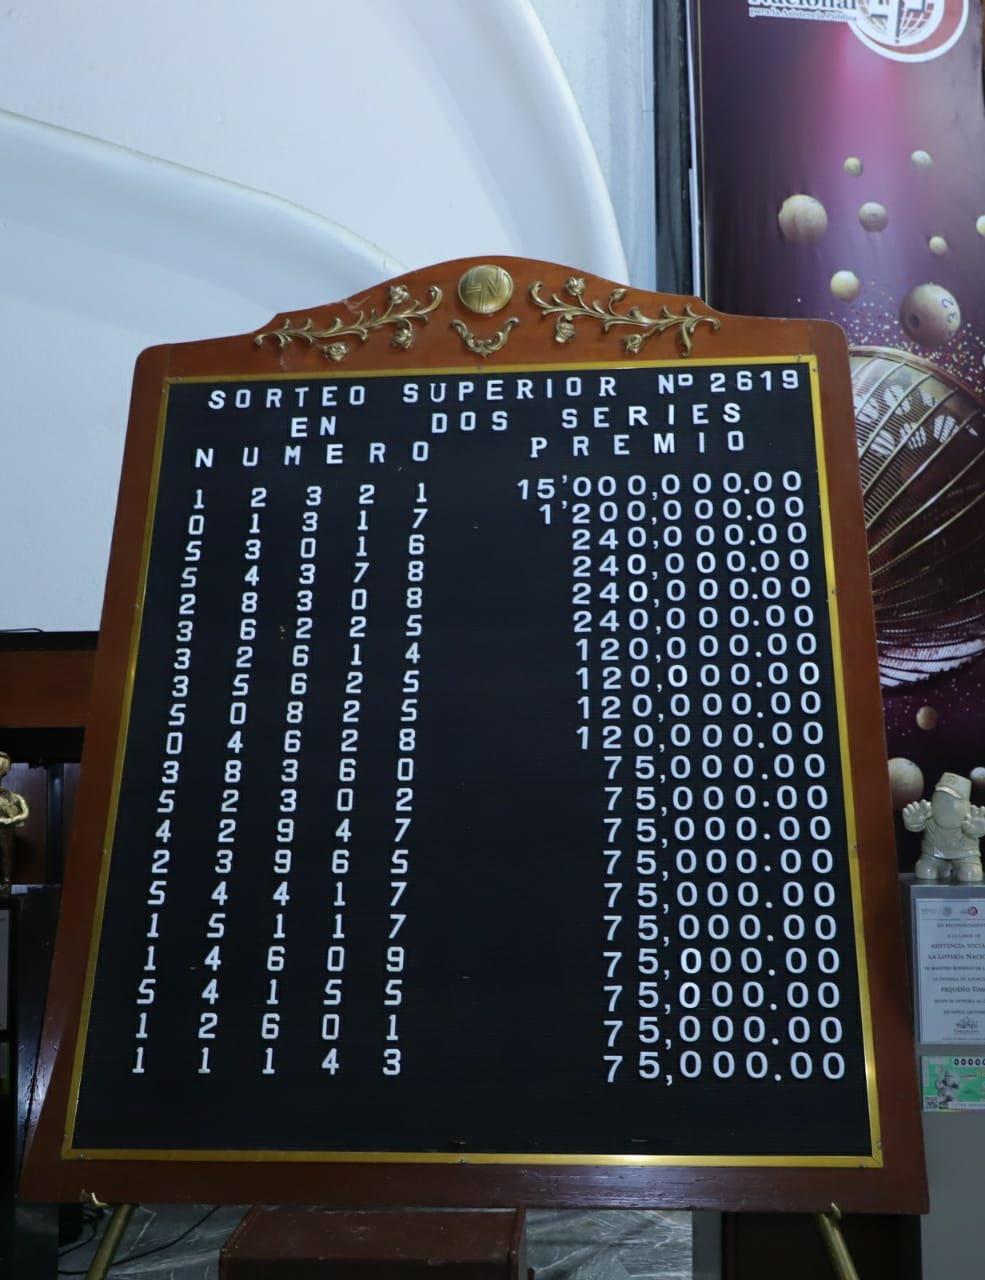 Resultados sorteo superior 2619